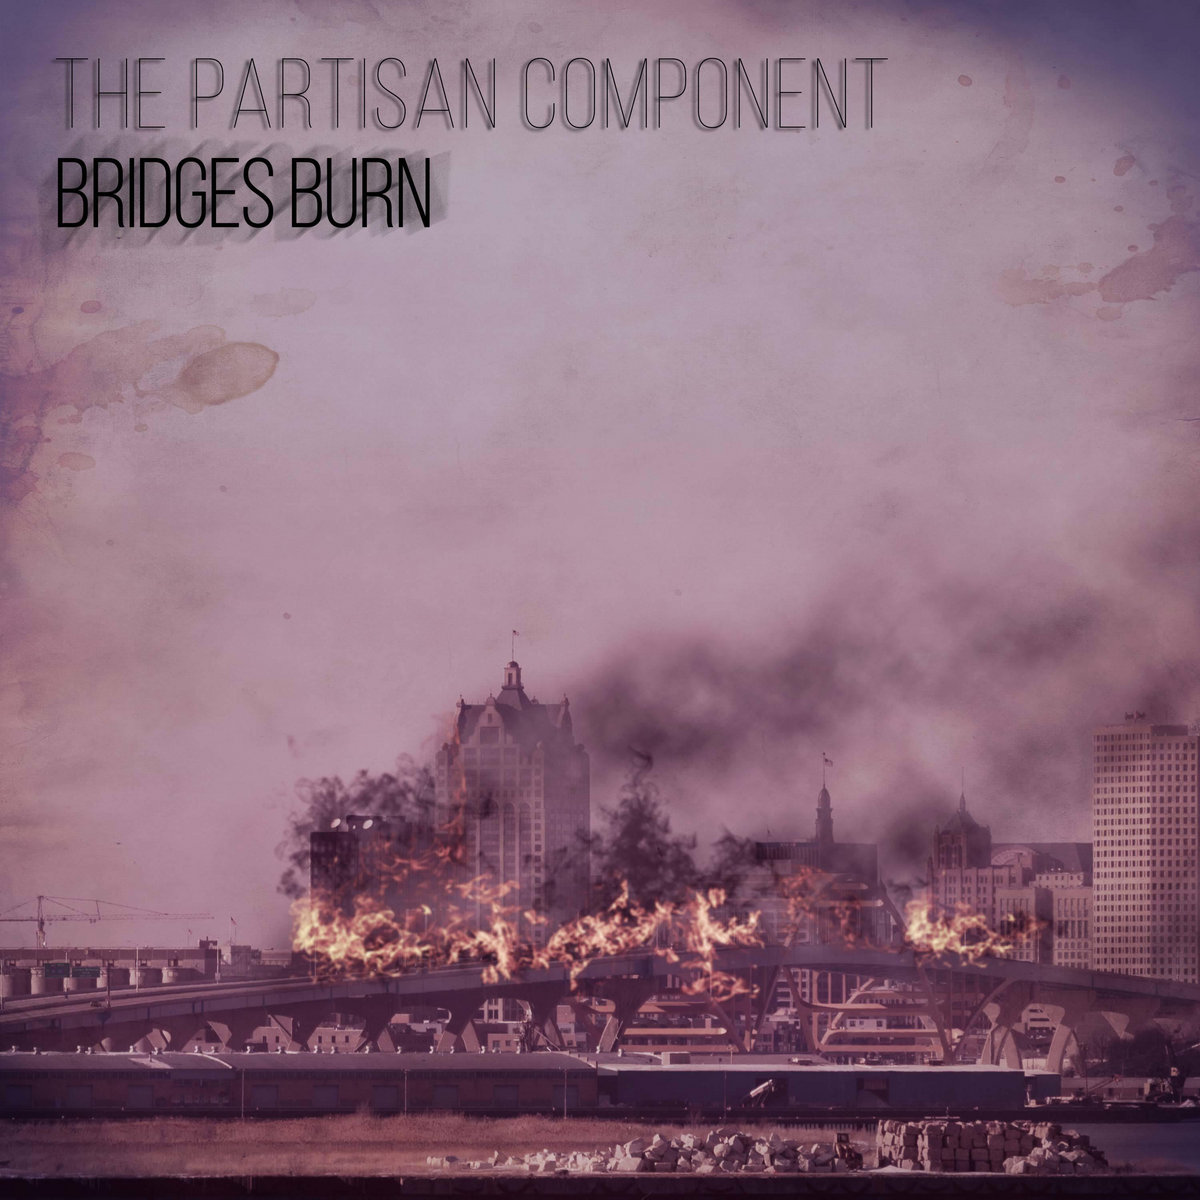 Bridges Burn by The Partisan Component